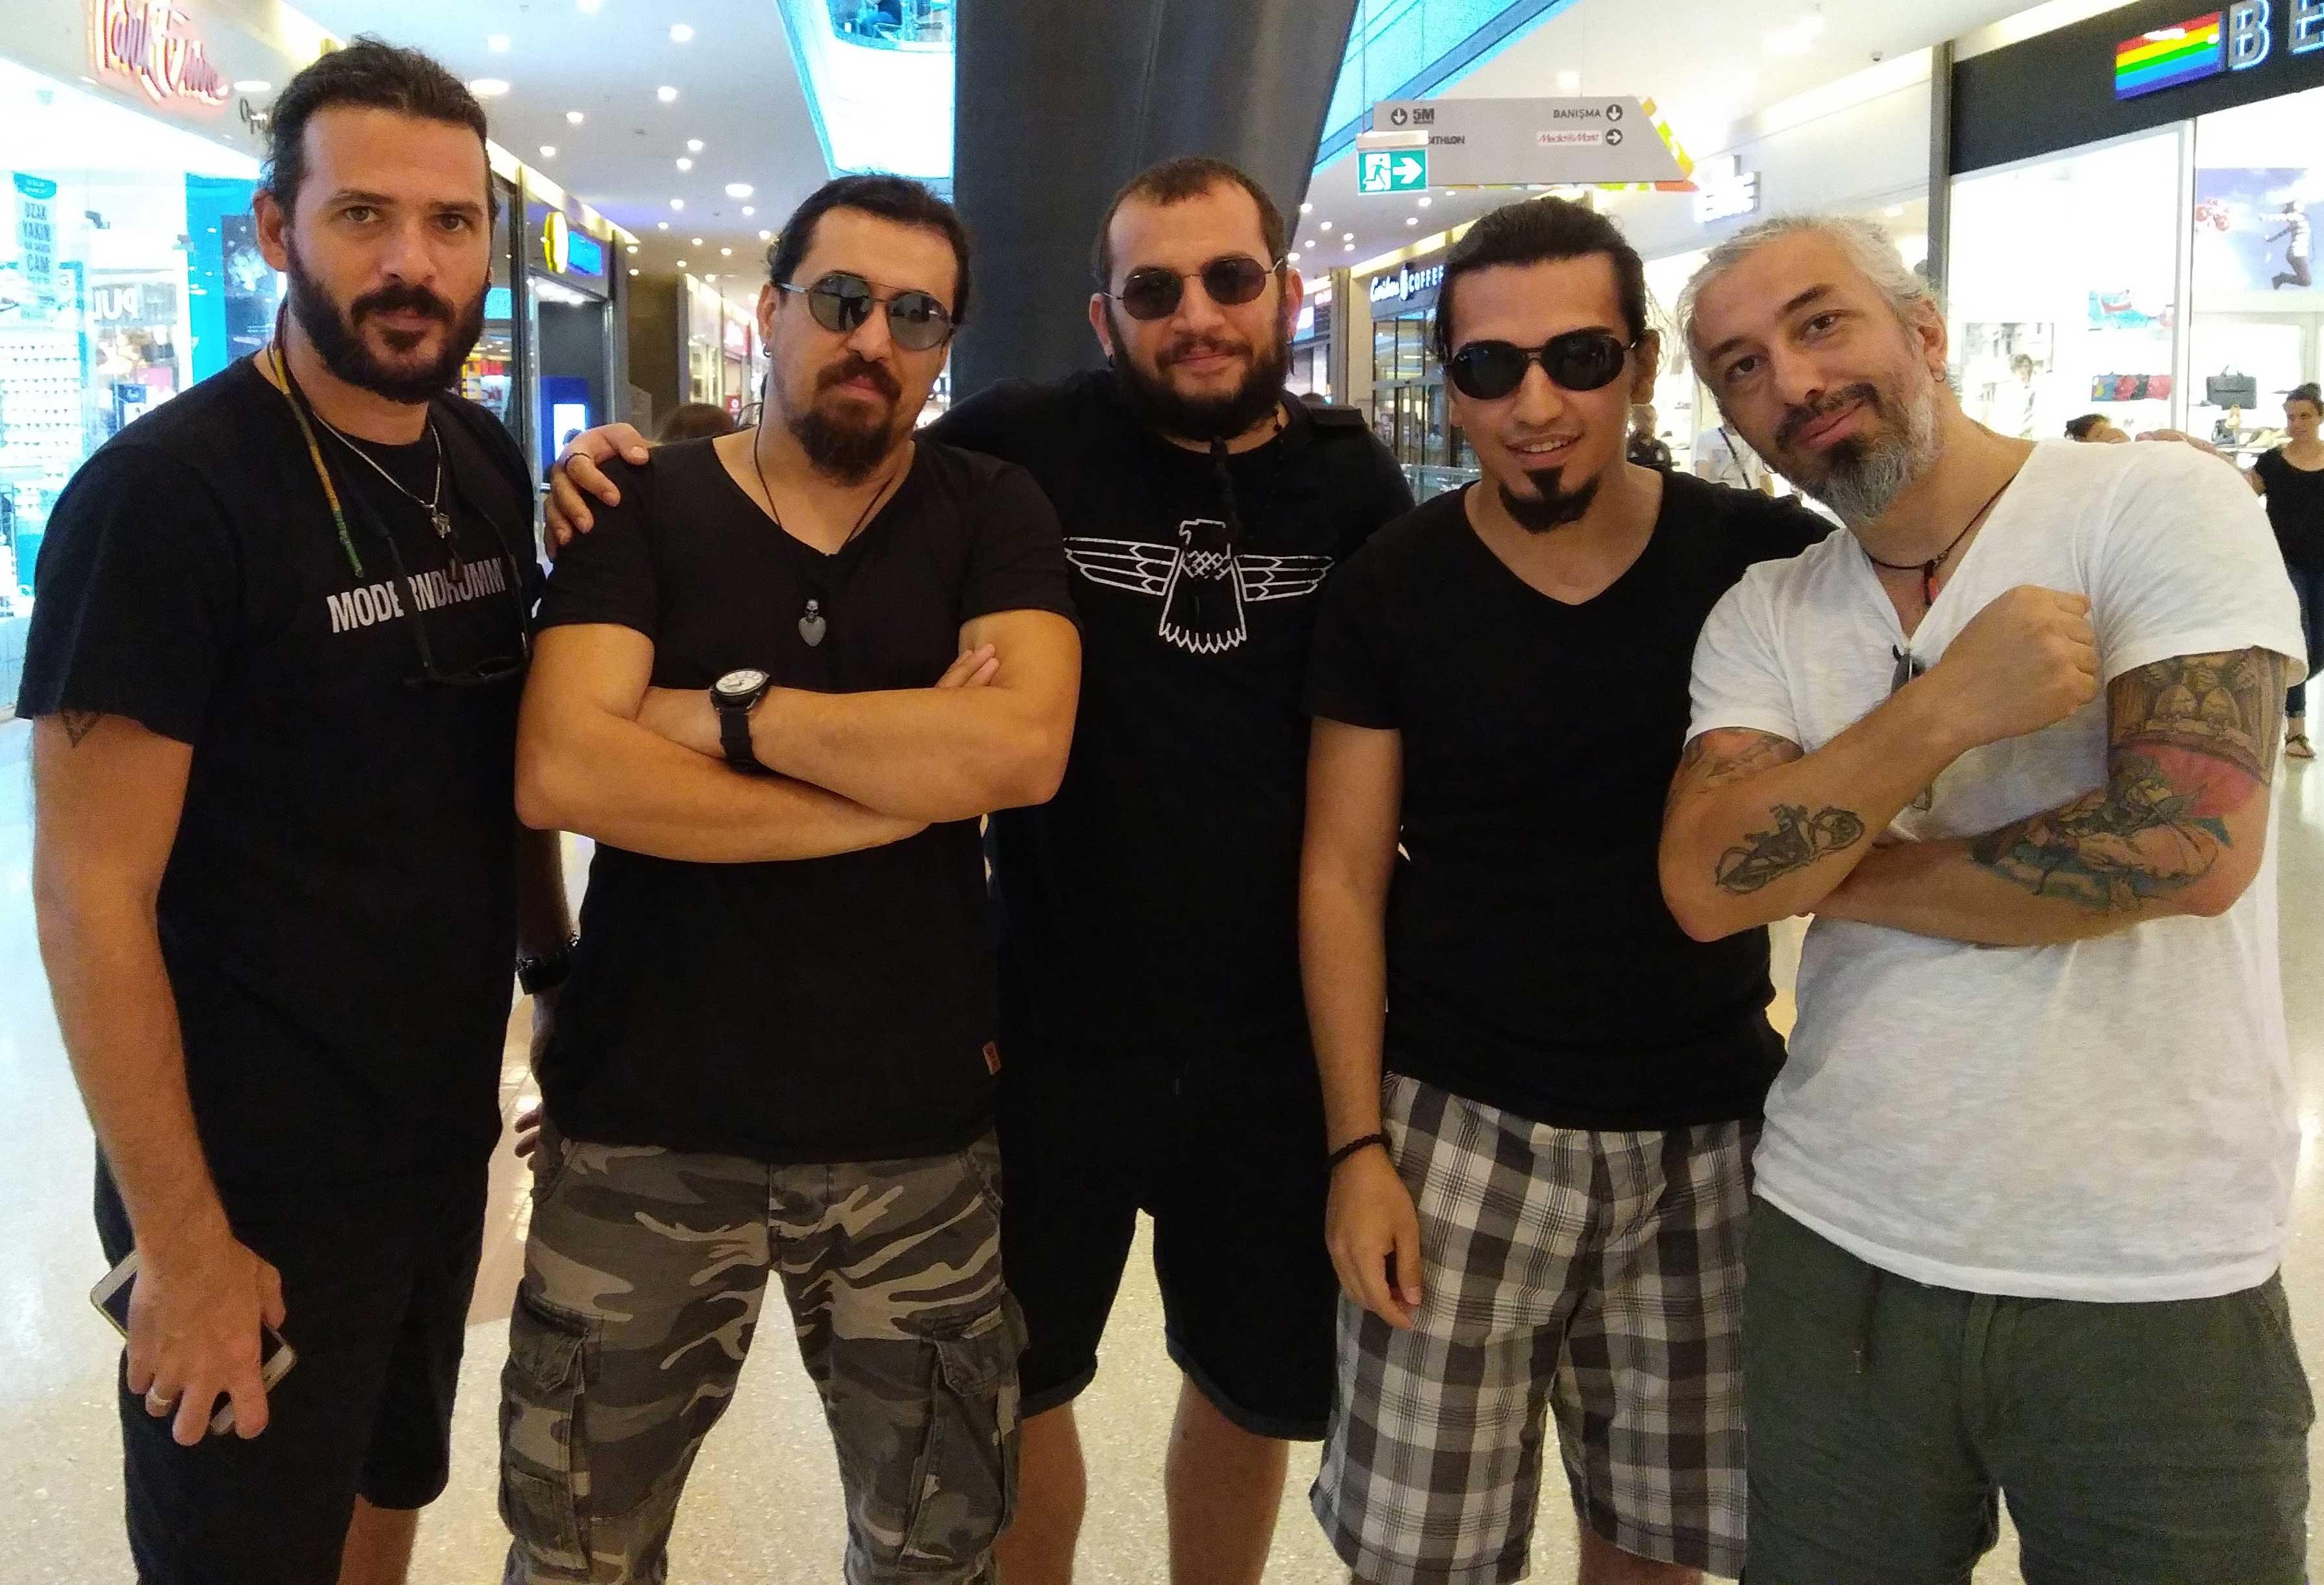 IMG 20180807 171244 1 - Necati Ve Saykolar Adana Konseri